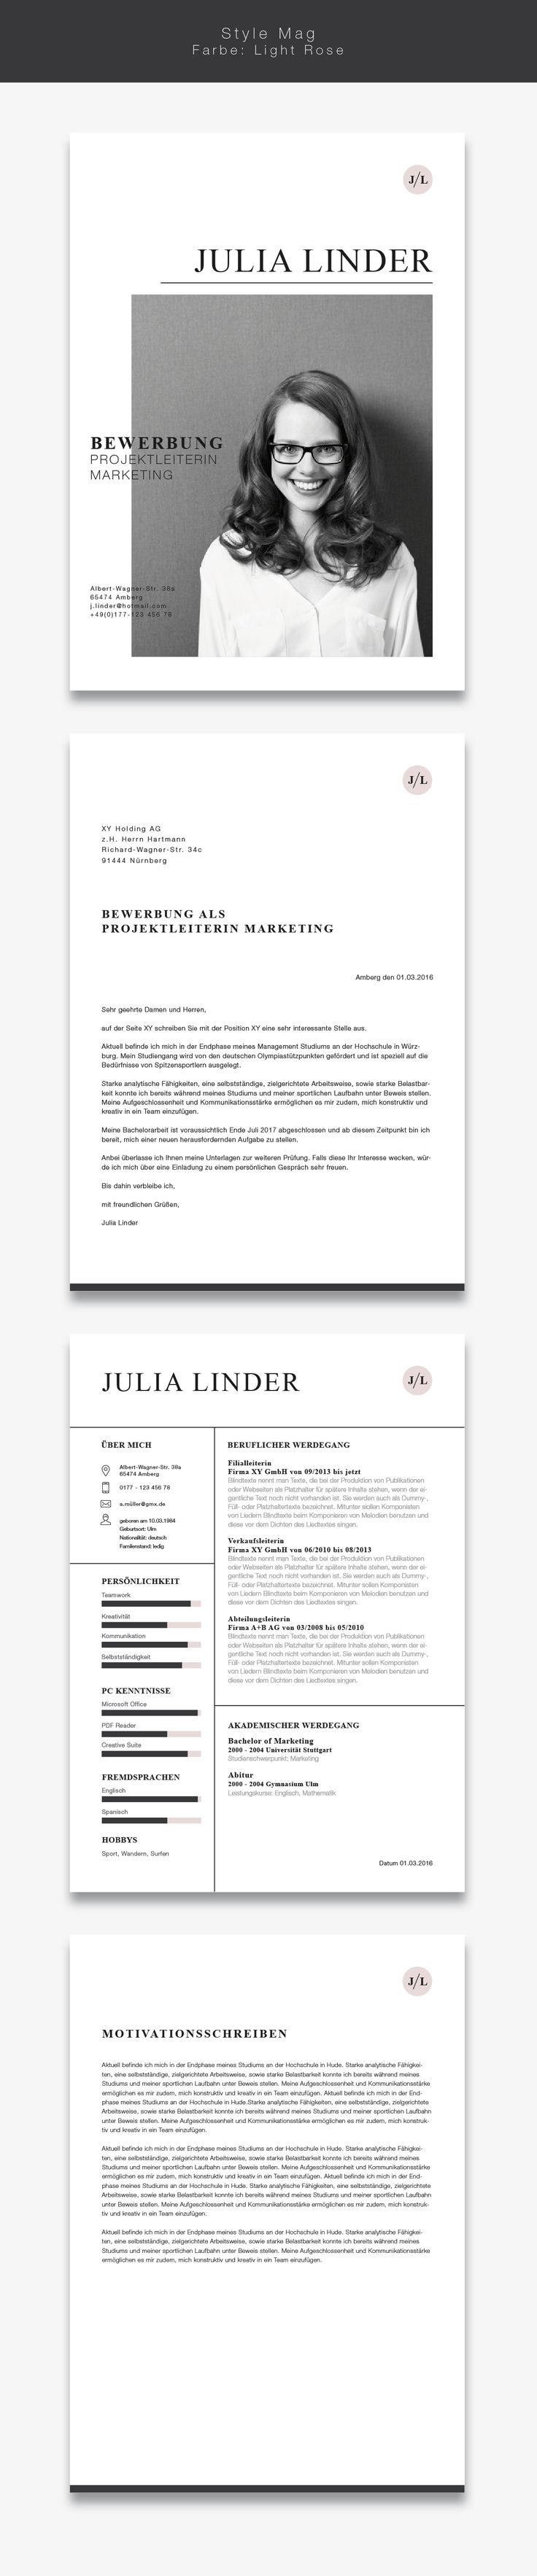 17 best Schriftliches images on Pinterest | Resume design, Resume ...